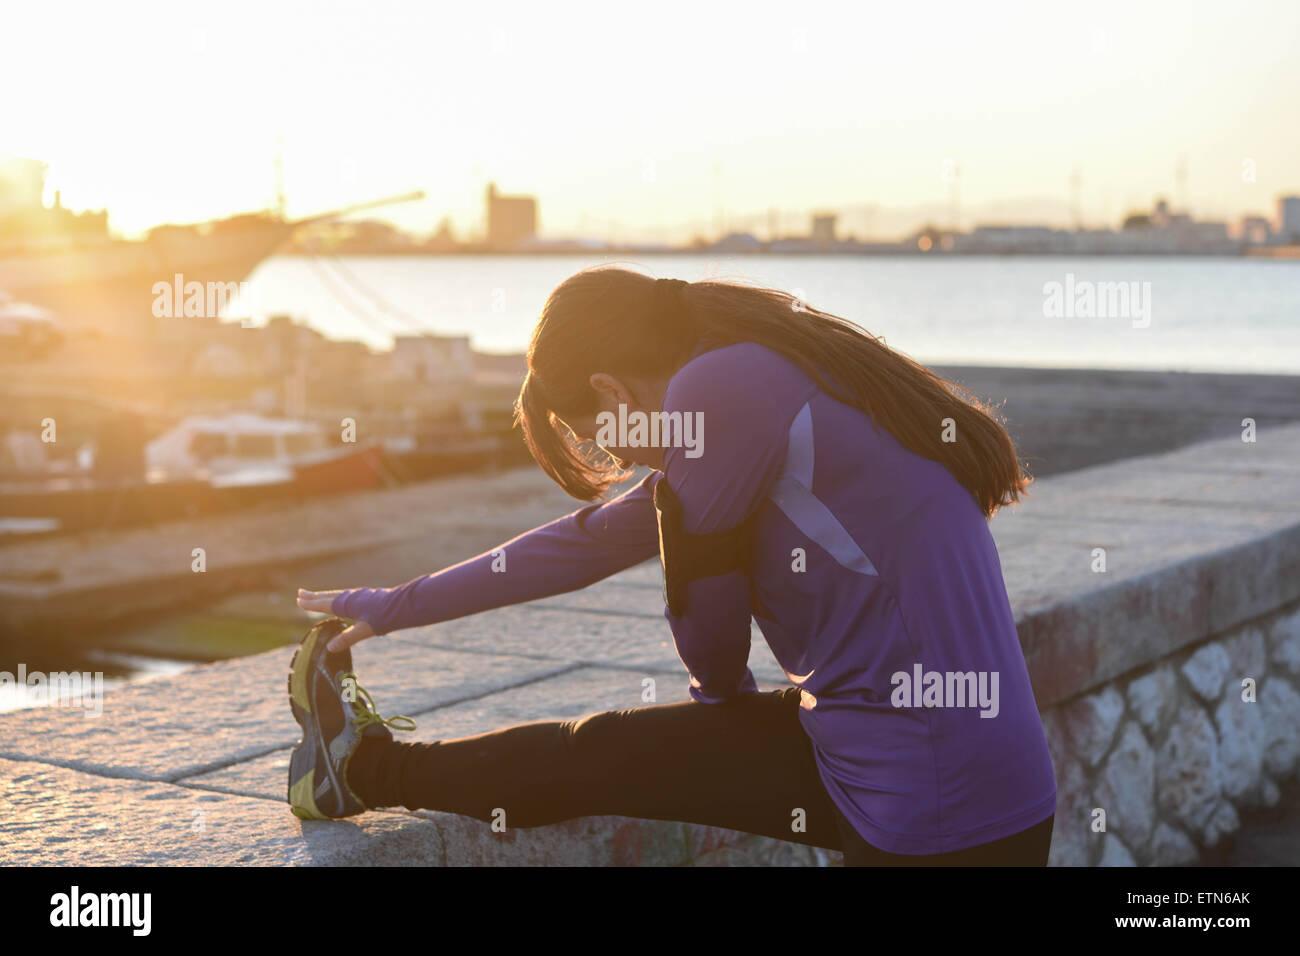 Giovane donna stretching la gamba su una parete al tramonto Immagini Stock